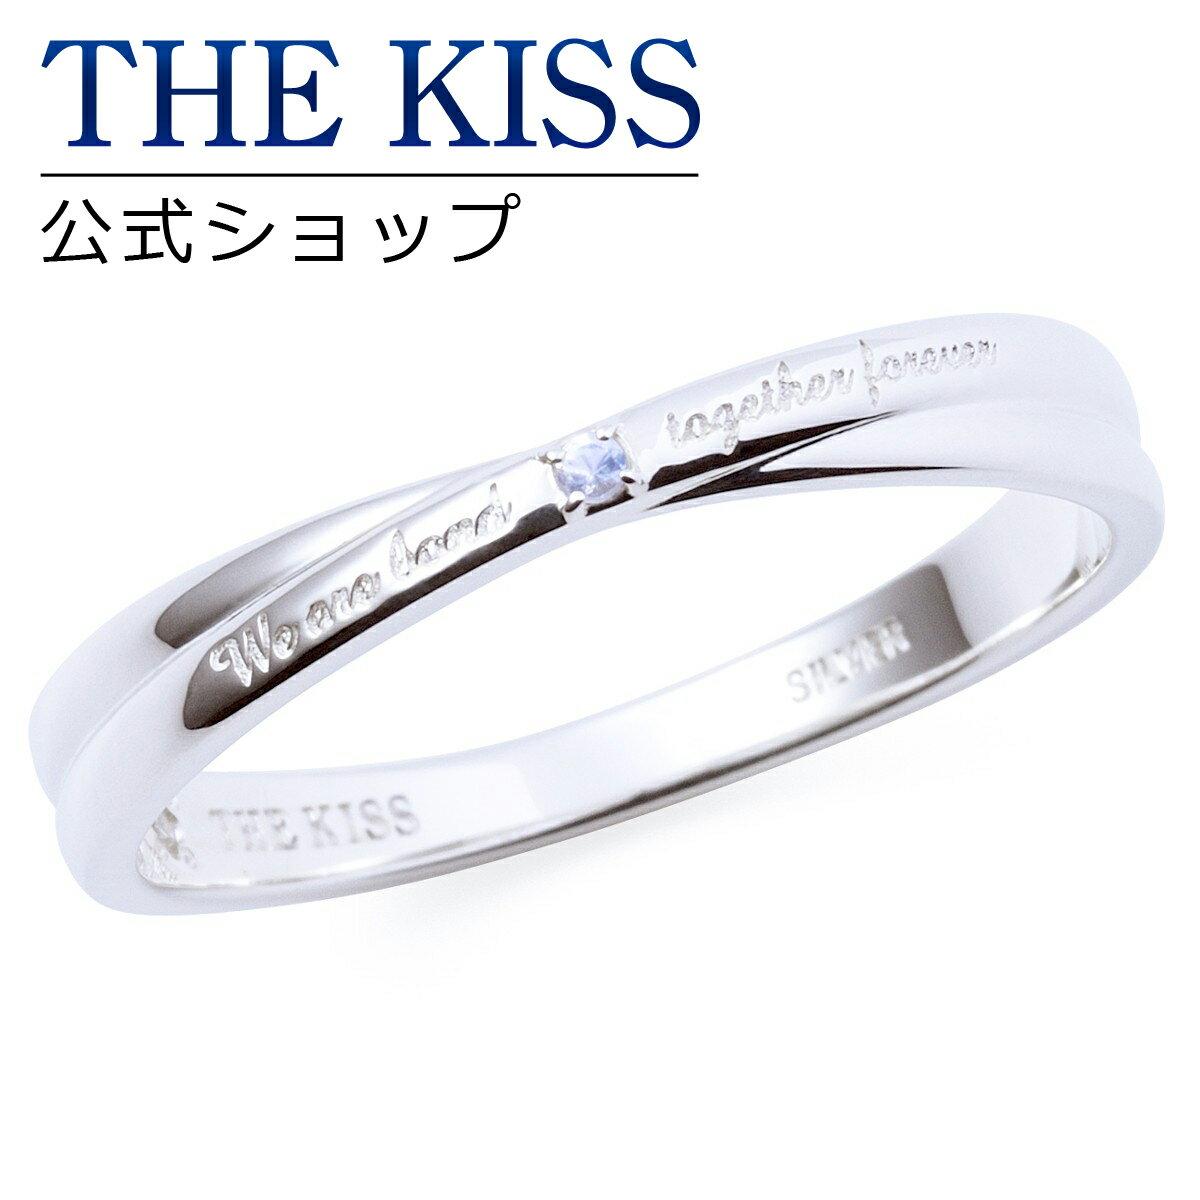 【あす楽対応】【2017年クリスマス限定】THE KISS 公式サイト シルバー ペアリング ( メンズ 単品 ) ペアアクセサリー カップル に 人気 の ジュエリーブランド THEKISS ペア リング・指輪 記念日 プレゼント 2017-02RM-RBM ザキス 【送料無料】